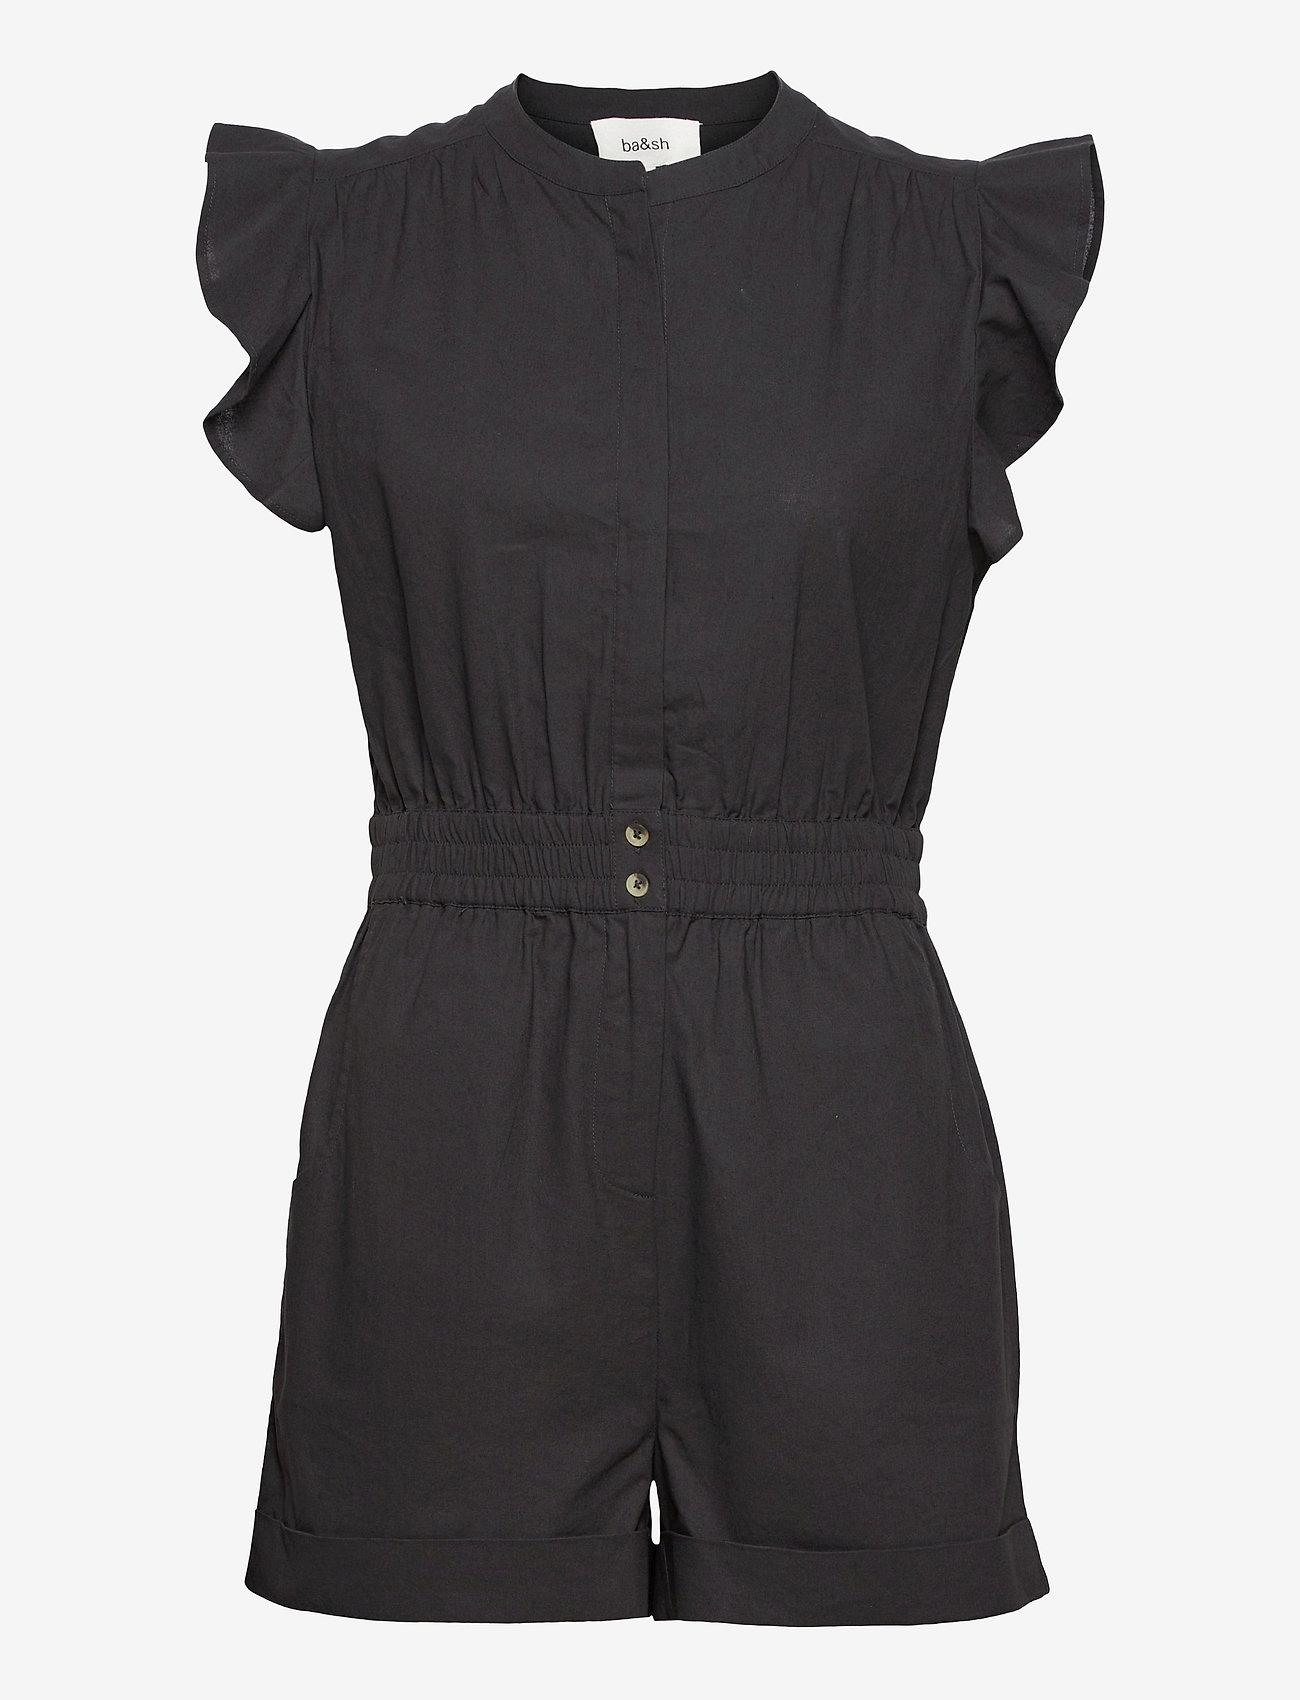 ba&sh - CECILE JUMPSUIT - kleding - carbone - 1